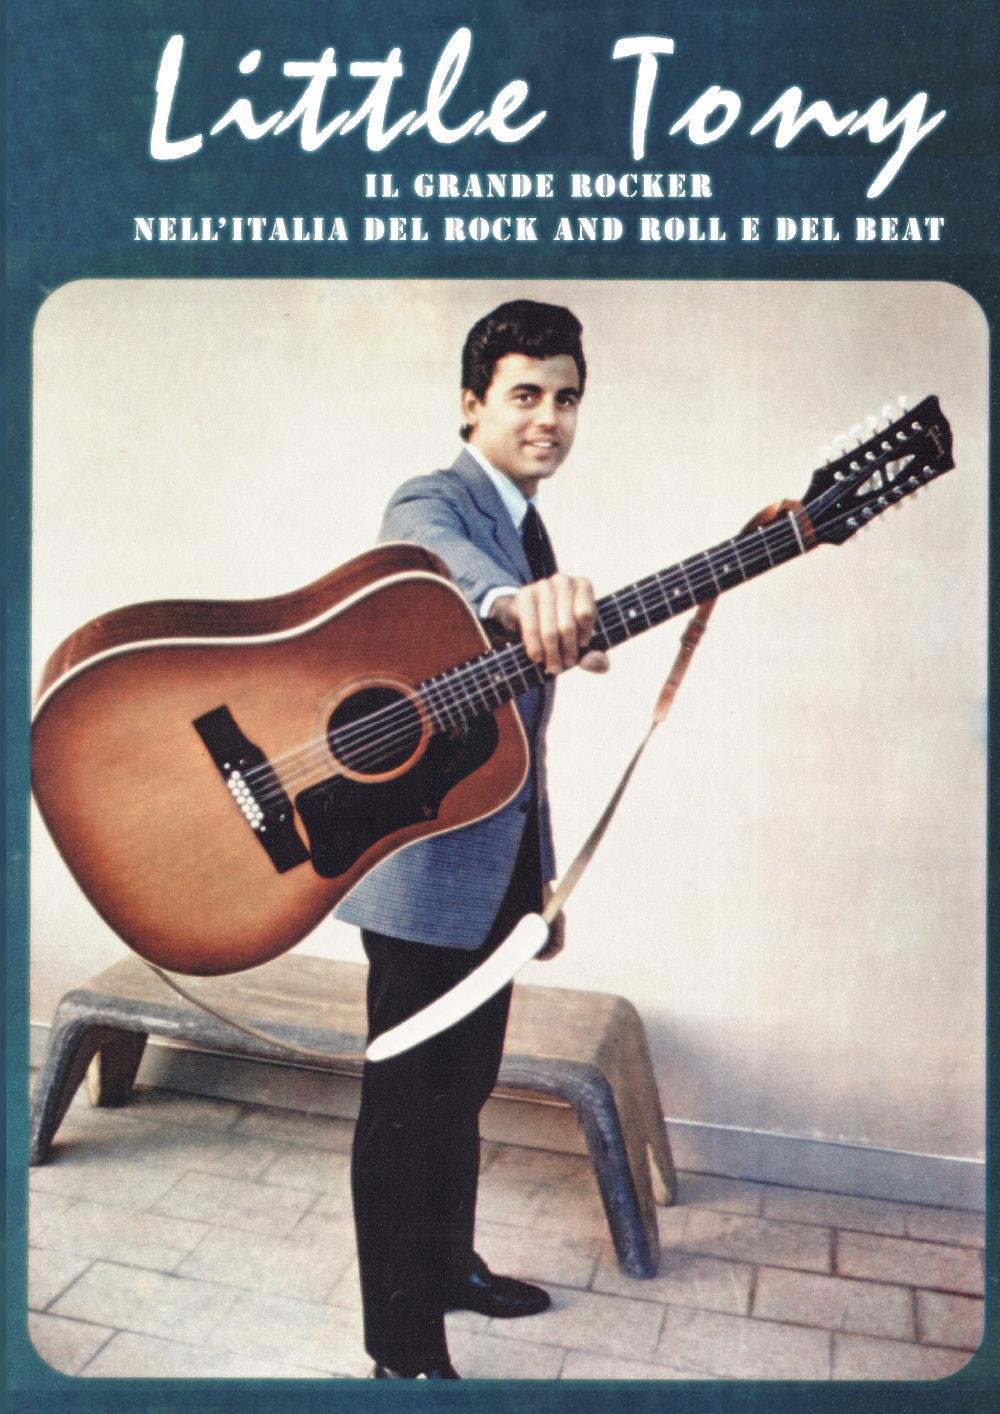 Little Tony - Il grande rocker nell'Italia del rock and roll e del beat